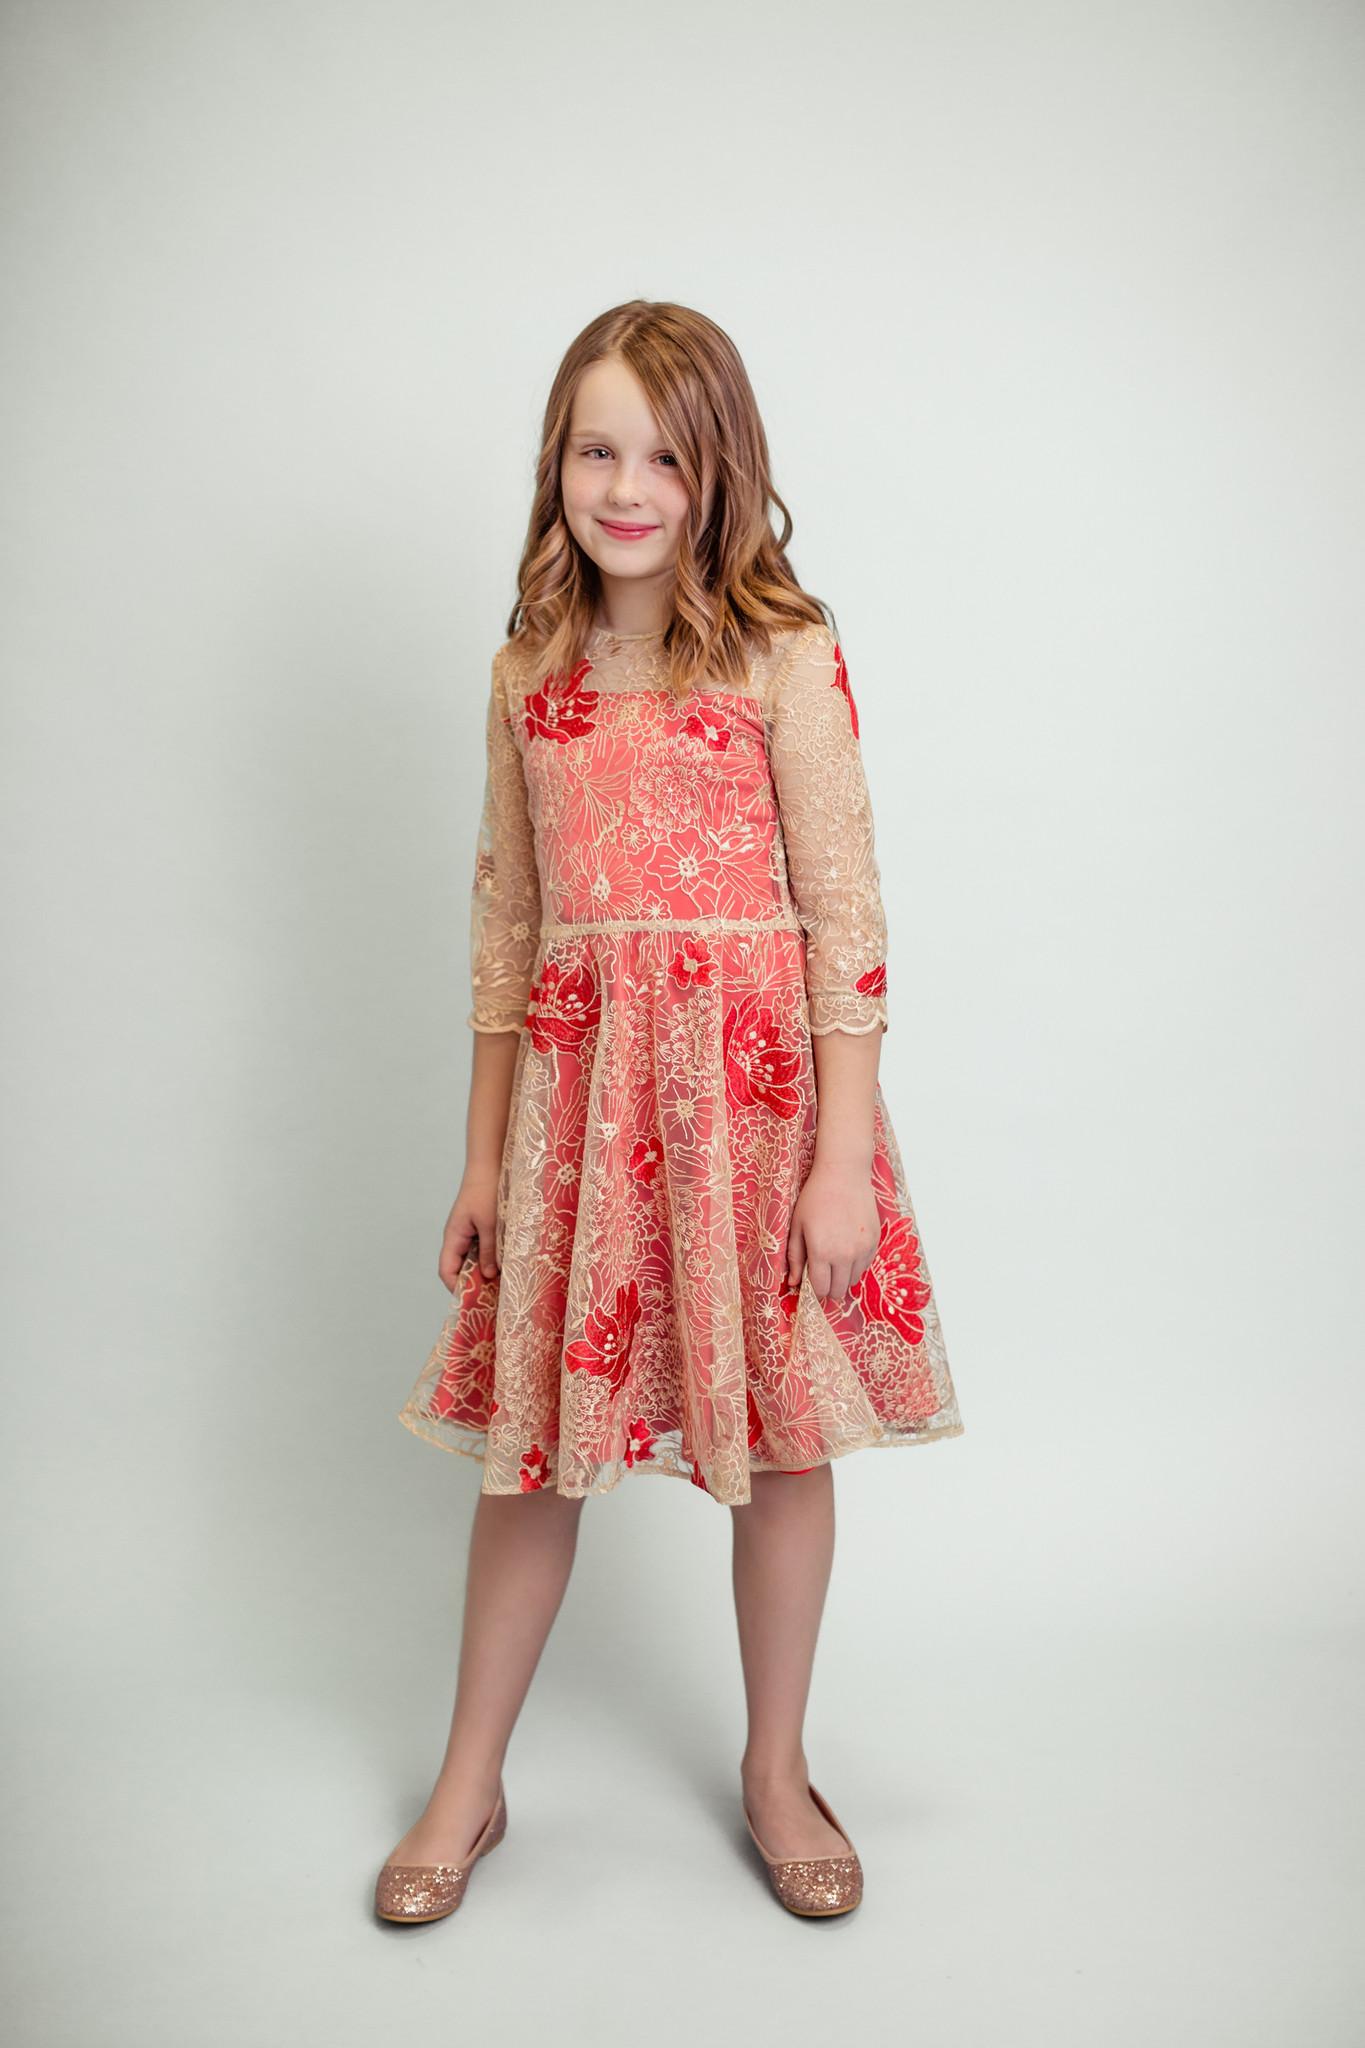 Rozkloszowana sukienka wykonana z pięknej, wysokiej jakości koronki  o kwiatowym motywie w kolorze cielistym na tle czerwonej satynowej tkaniny,   z tyłu zapinana na ukryty zamek.  Półokrągły dekolt. Rękaw 3/4.  Idealna na wesele, święto, chcrzest, urodziny i inne wyjątkowe okazję. Skład wiskoza 100%